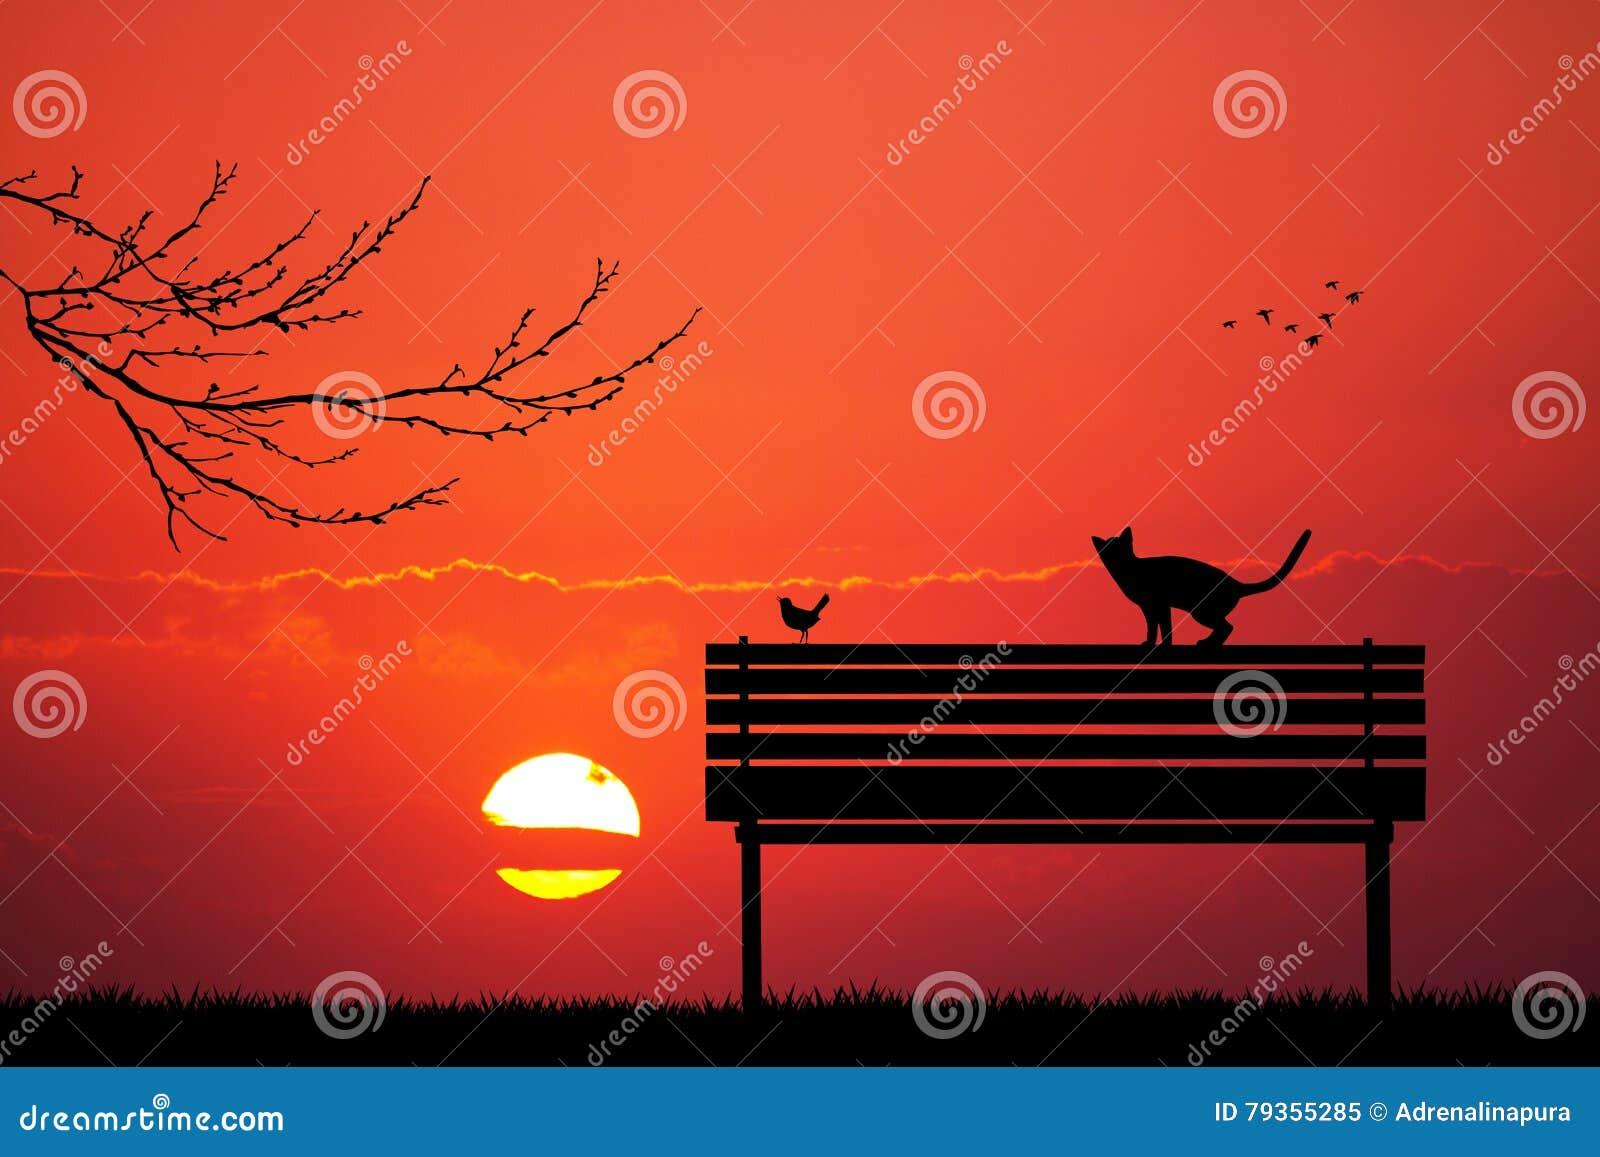 Katten en vogel op bank bij zonsondergang